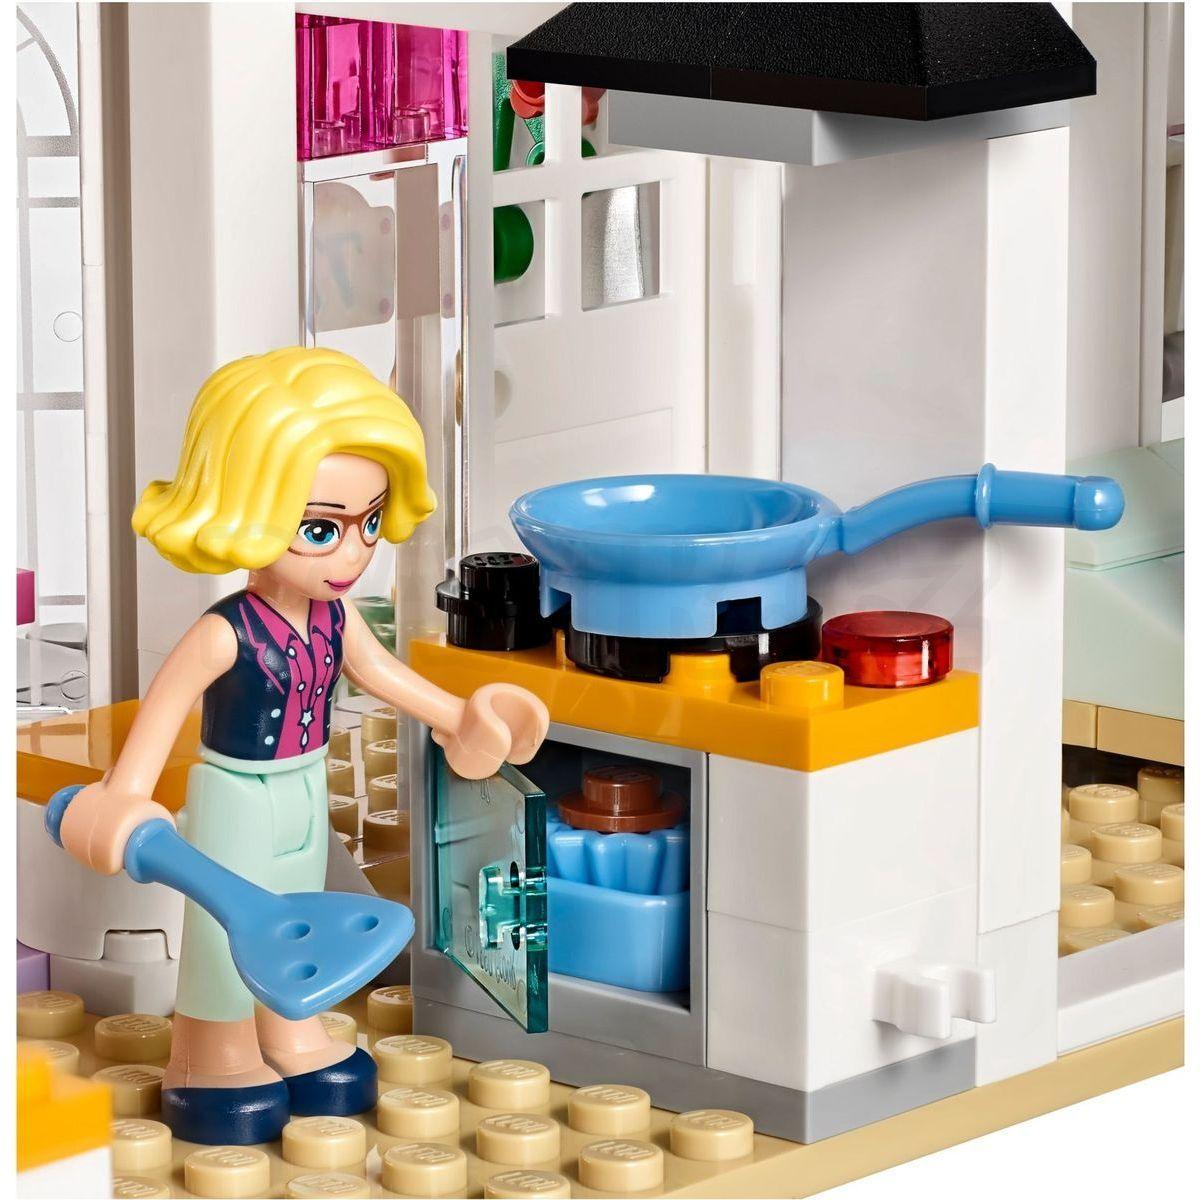 a15a31576 ... LEGO Friends 41314 Stephanie a její dům 5. +6 dalších